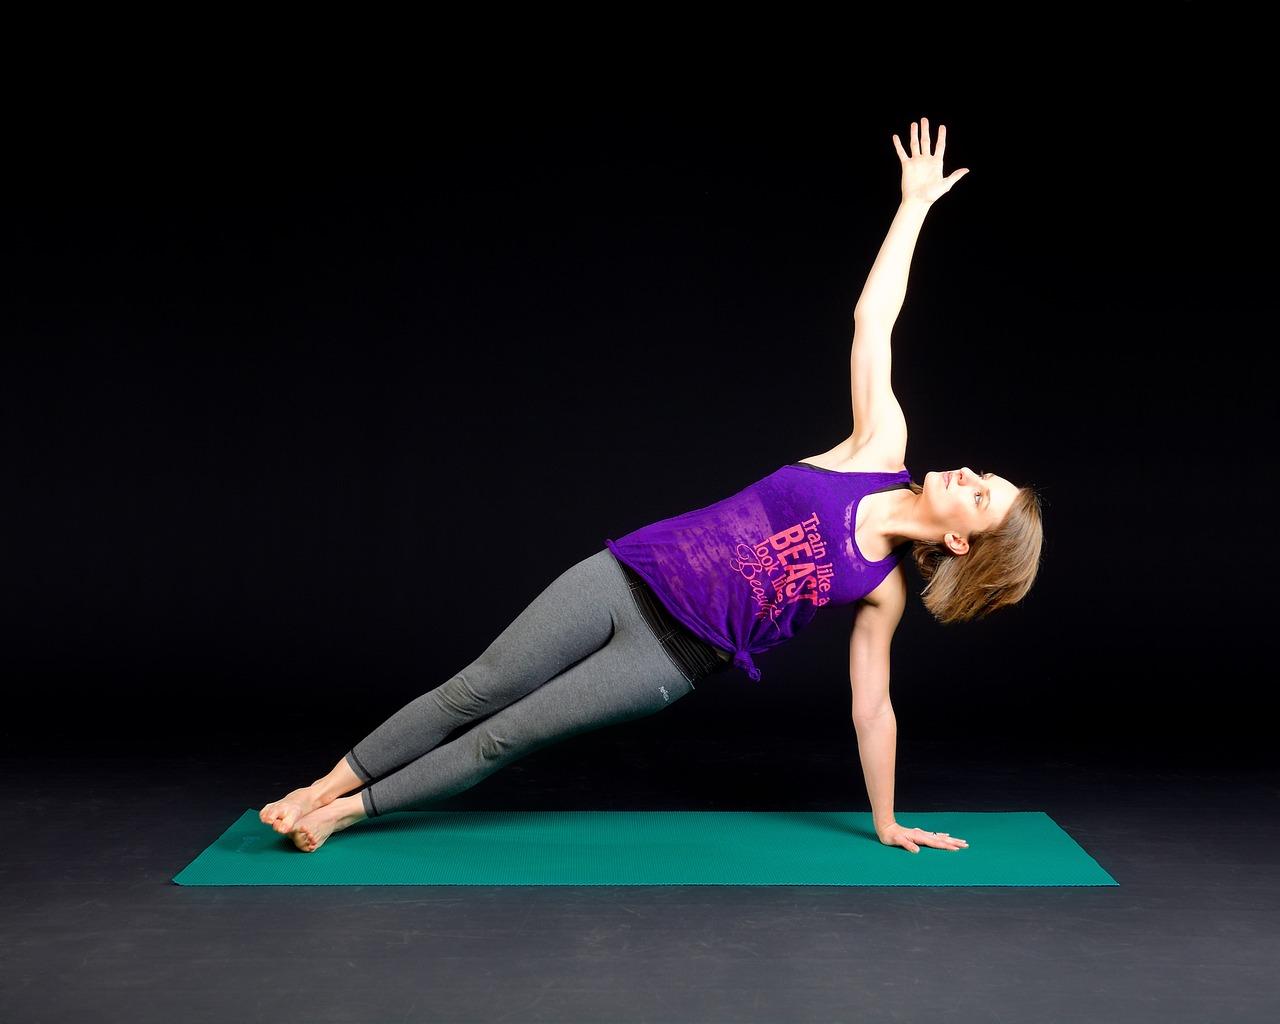 Ćwicz w domu jak na siłowni